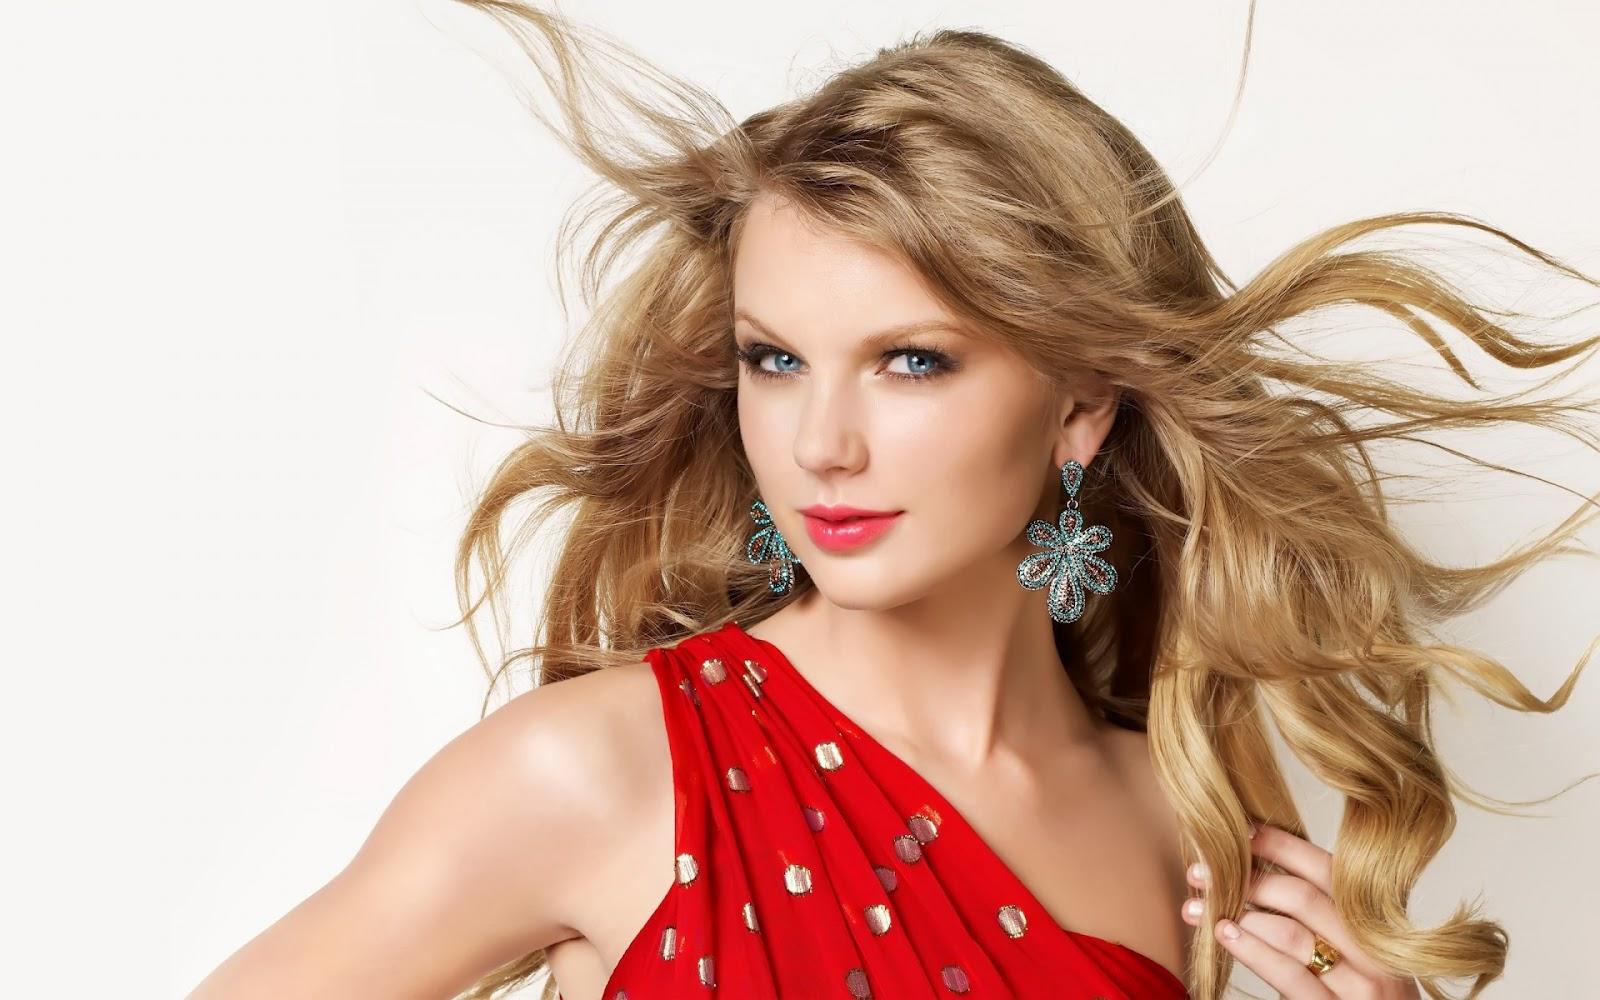 http://2.bp.blogspot.com/-7g4pIf-88pc/UHGqmA1dcrI/AAAAAAAAWBs/jdGAIiSLLM4/s1600/Taylor+Swift+new+Wallpaper+2012+02.jpg